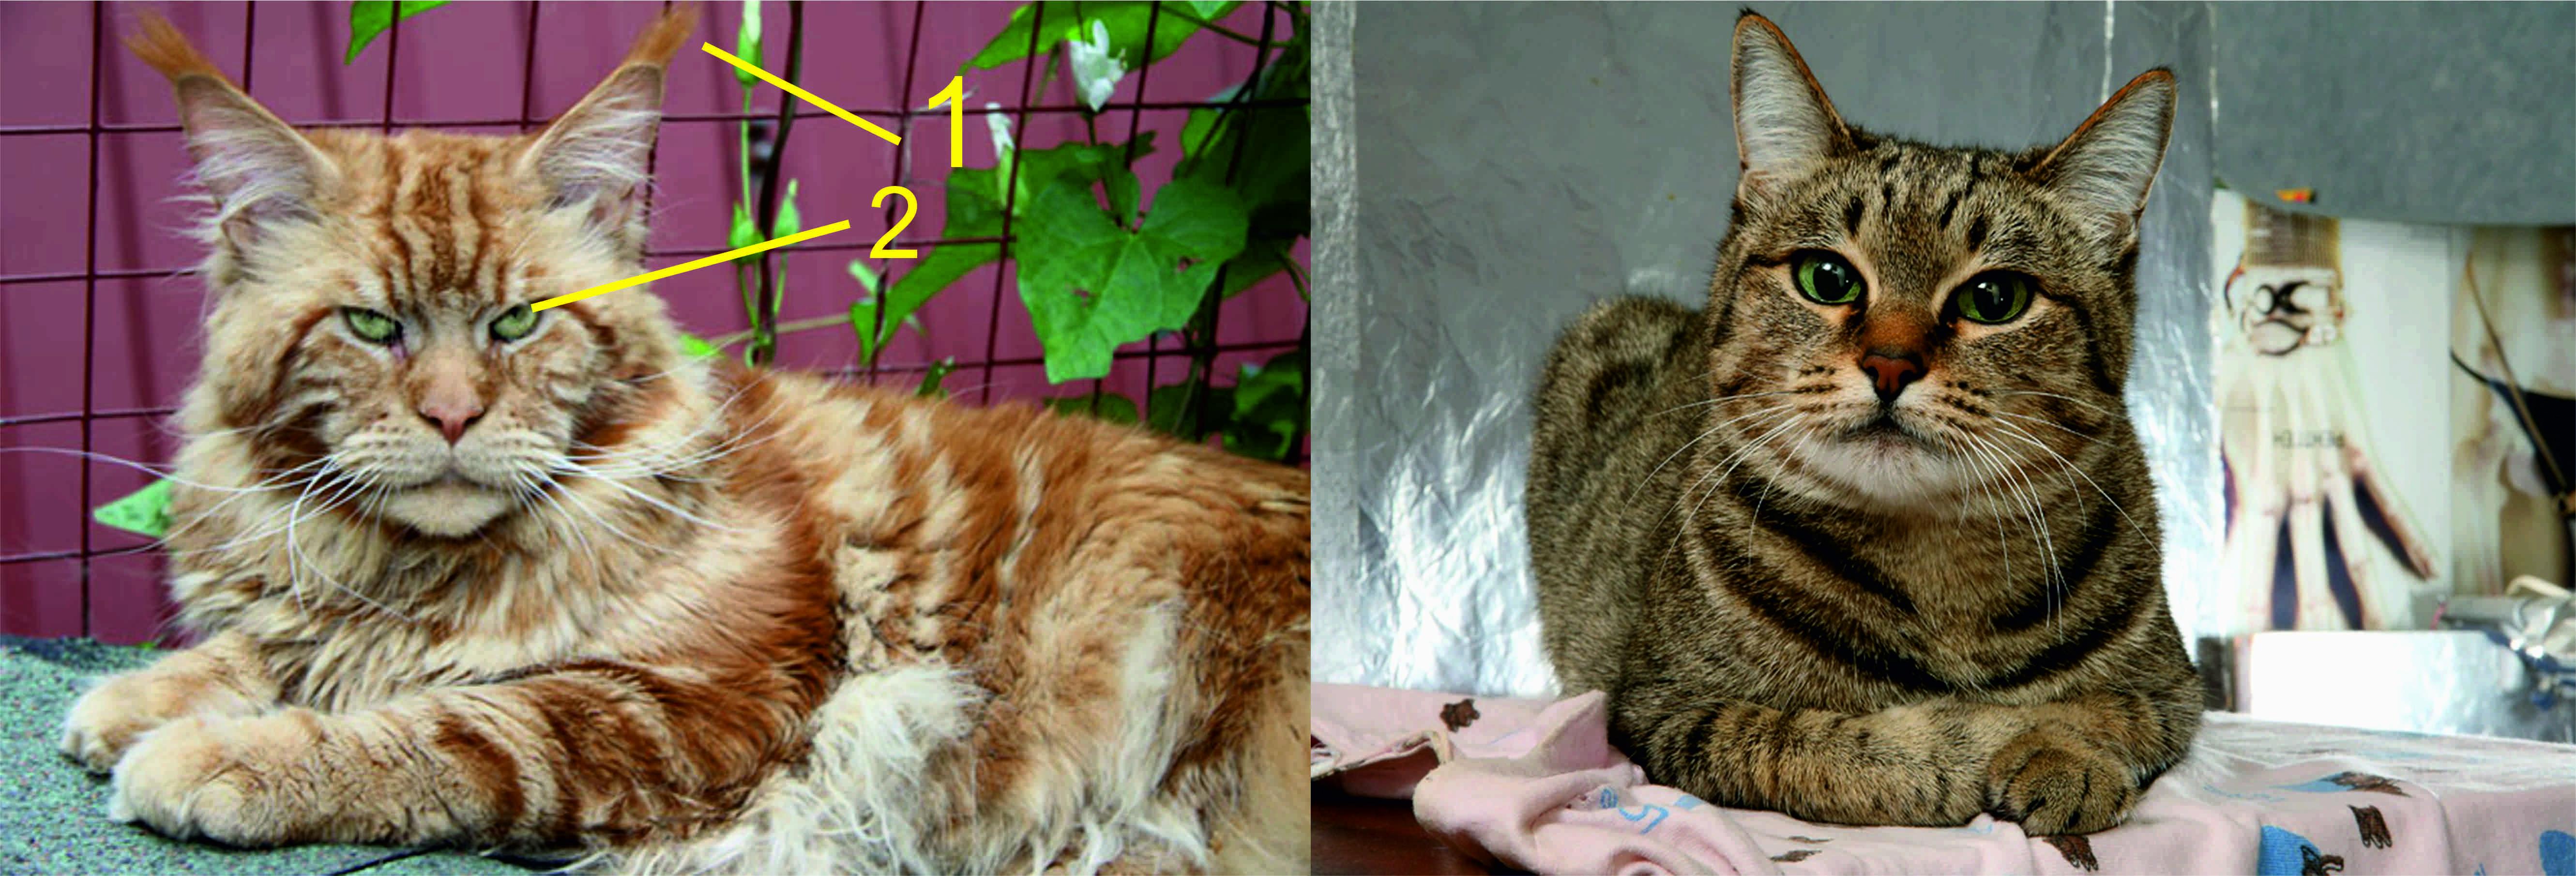 Хотите завести котёнка породы мейн кун? рекомендации по выбору и уходу за питомцем